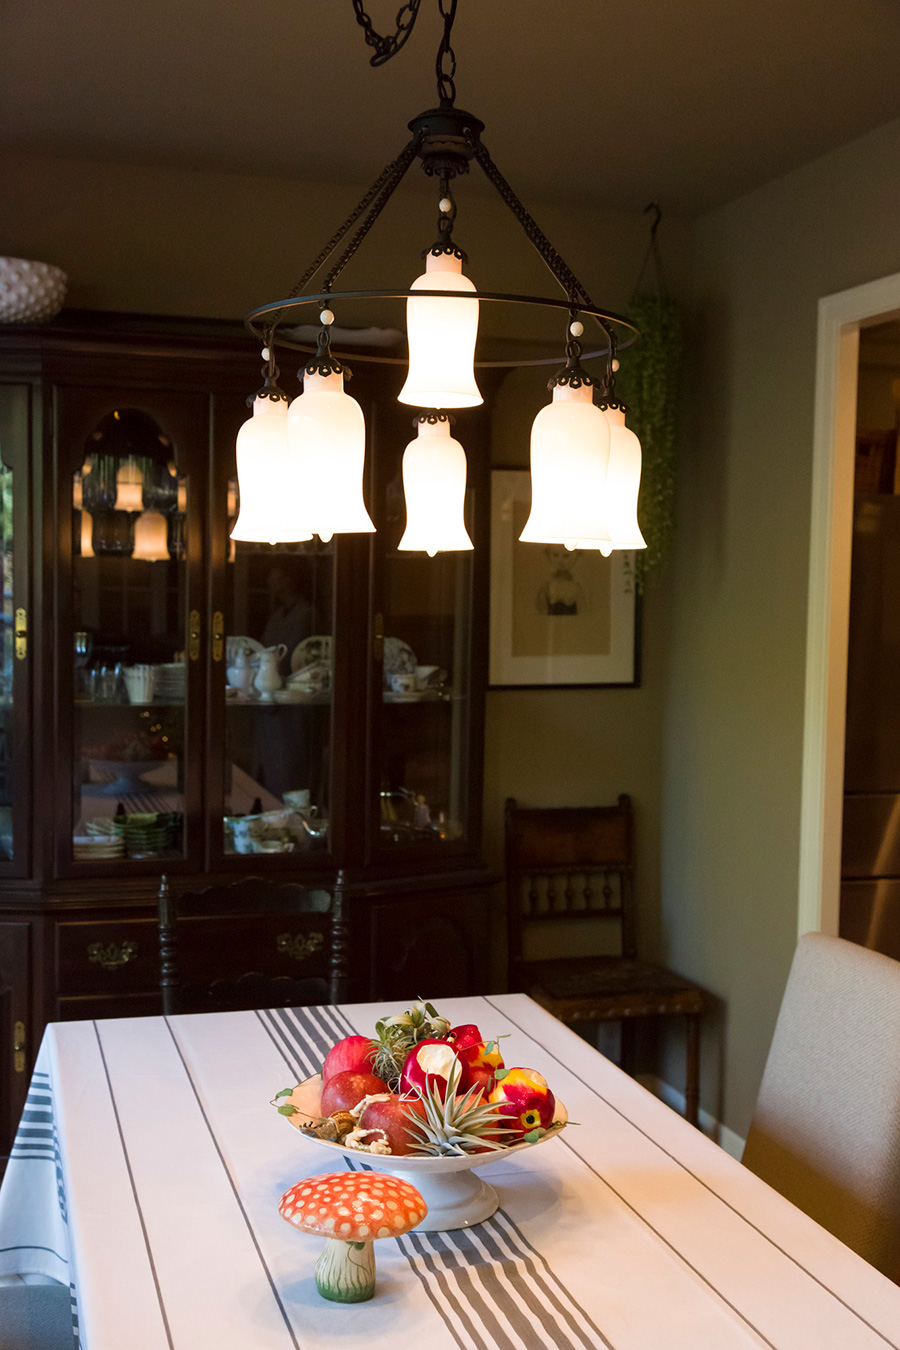 ダイニングテーブルの上のシャンデリアは『H.P.DECO』で買ったもの。テーブルのフルーツの籠にはキノコのオブジェを添えて。